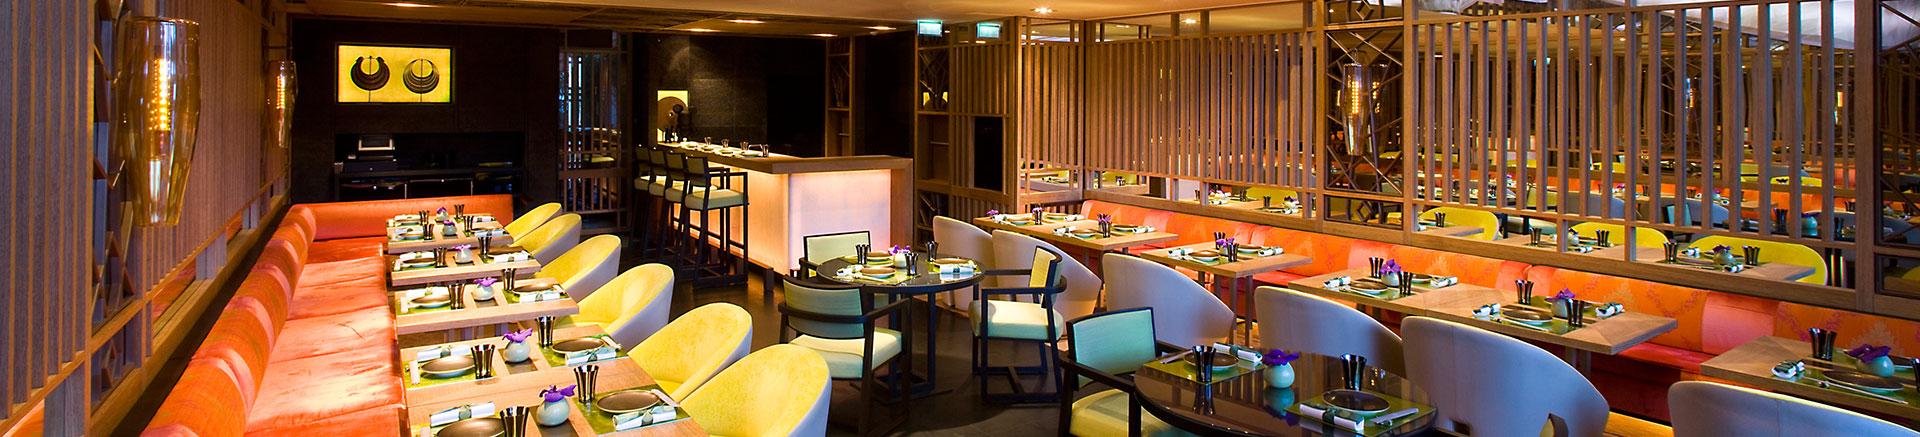 Monaco Yoshi Restaurant Of Joel Robuchon Le Monde De Joel Robuchon